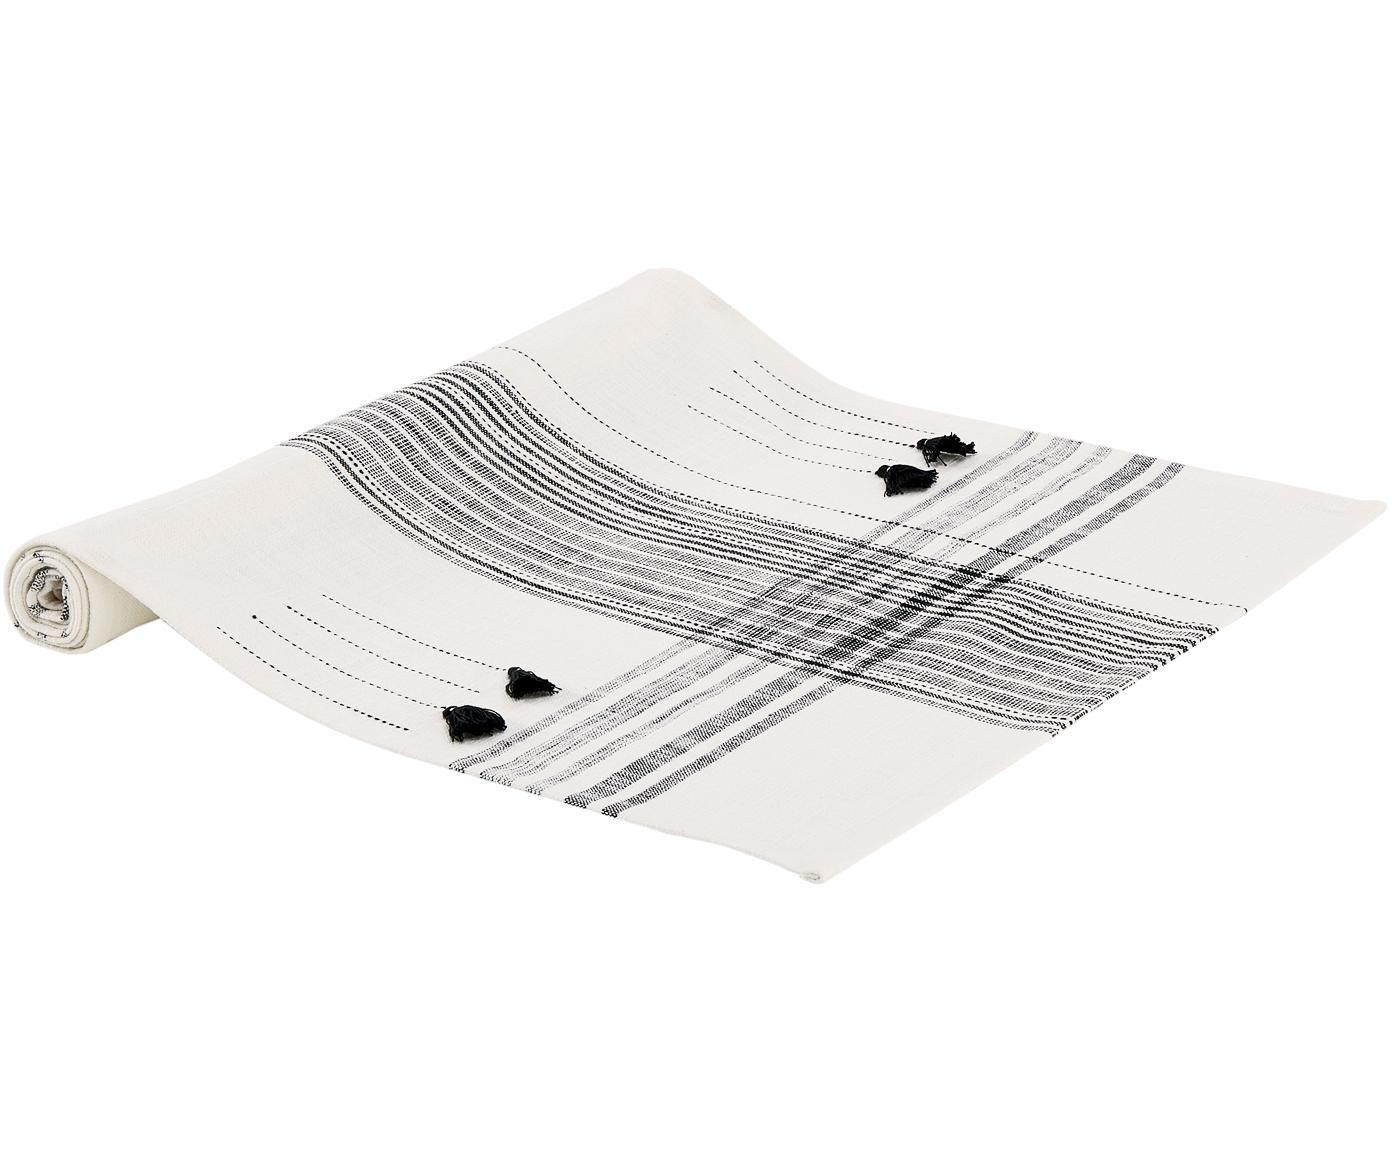 Tischläufer Sasel, Baumwolle, Gebrochenes Weiss, Schwarz, 45 x 150 cm